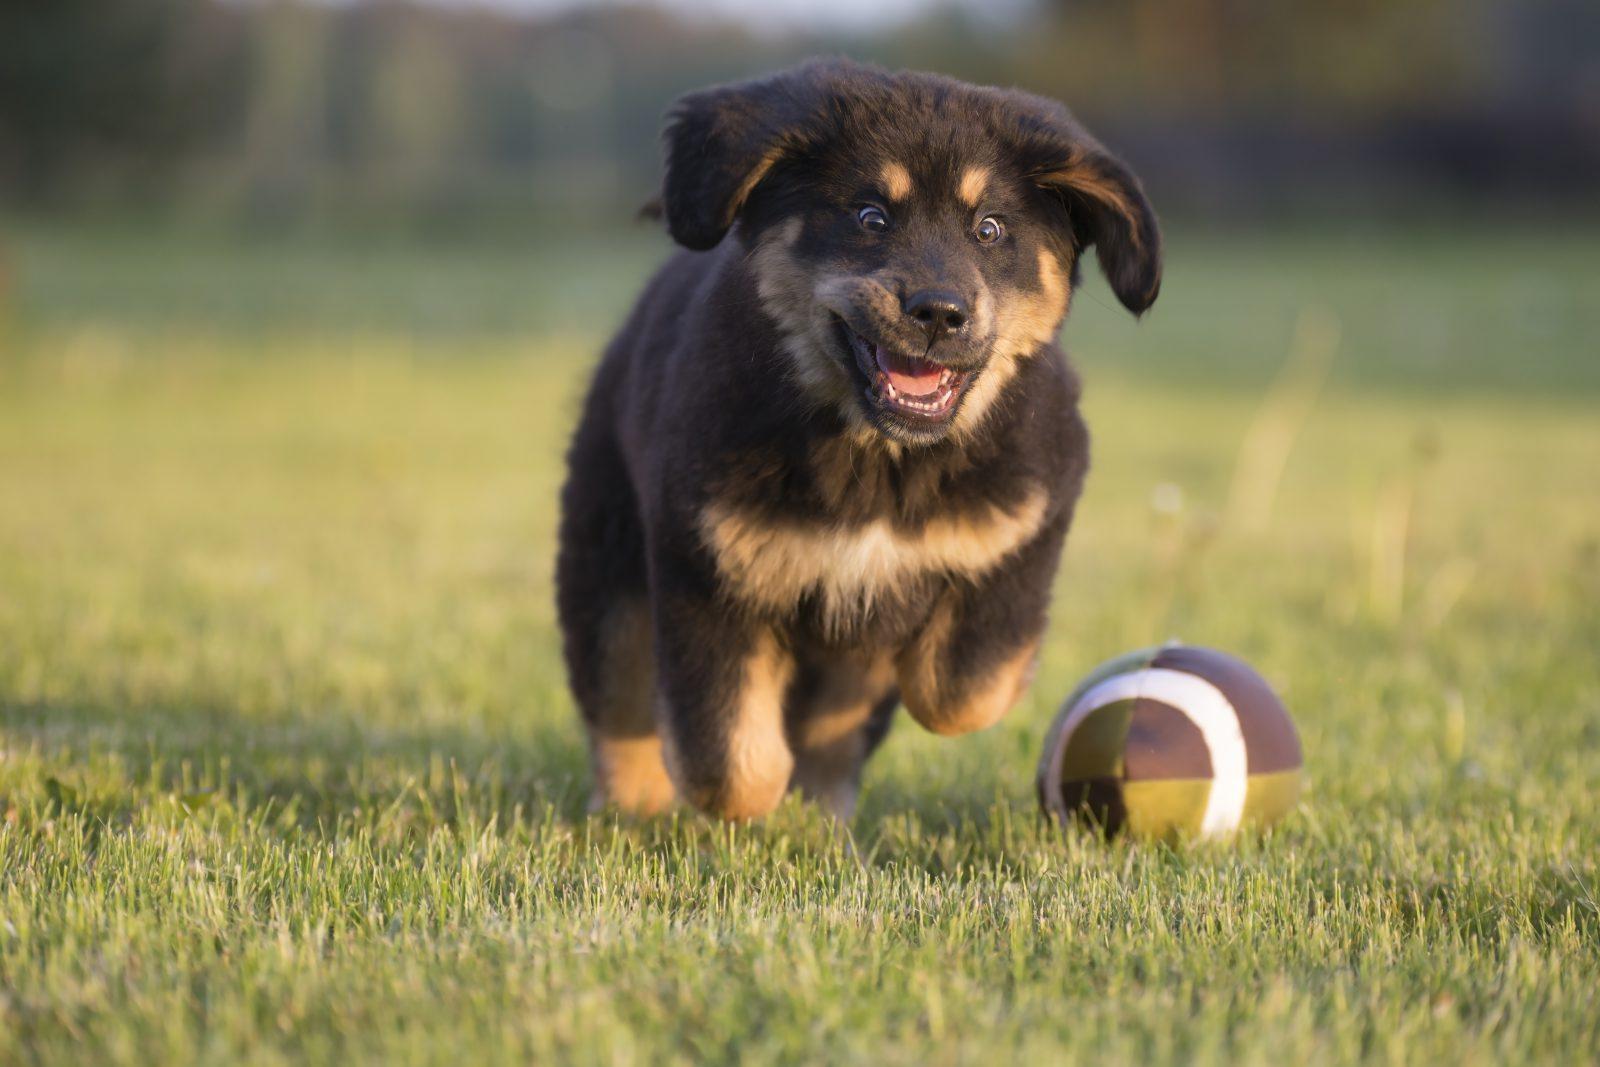 Tipos de Brinquedos para cachorros: Mastife Tibetando filhote correndo atrás de bola de rugby no gramado do parque.